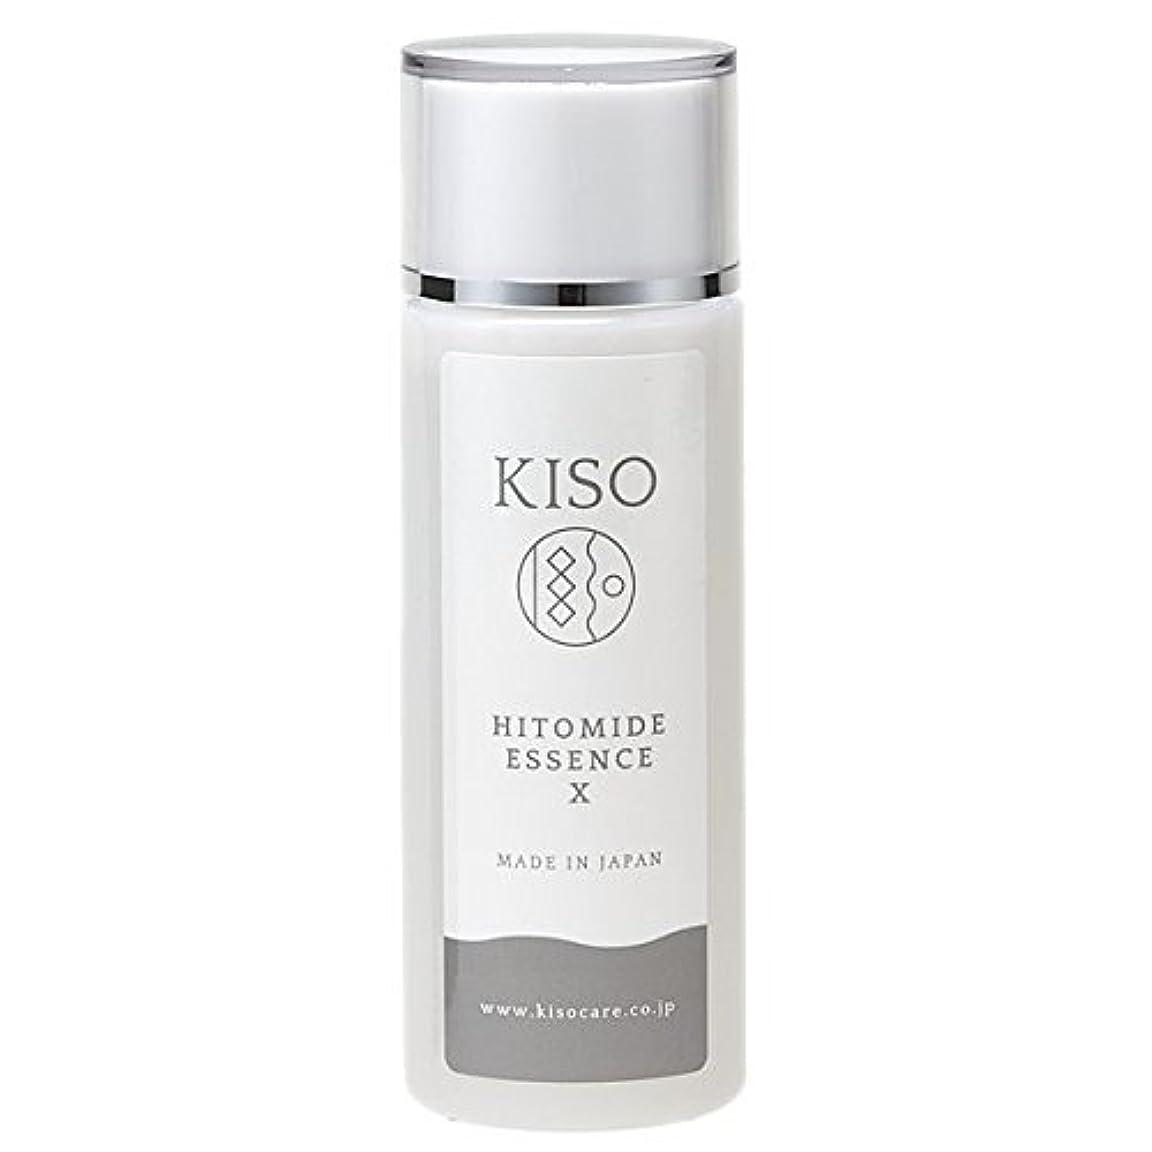 ブリークリラックスした種をまくKISO ヒト型セラミド原液 10%配合 【ヒトミドエッセンスX 120ml】 保湿力アップ 肌荒れを防ぎキメを整えたい時に